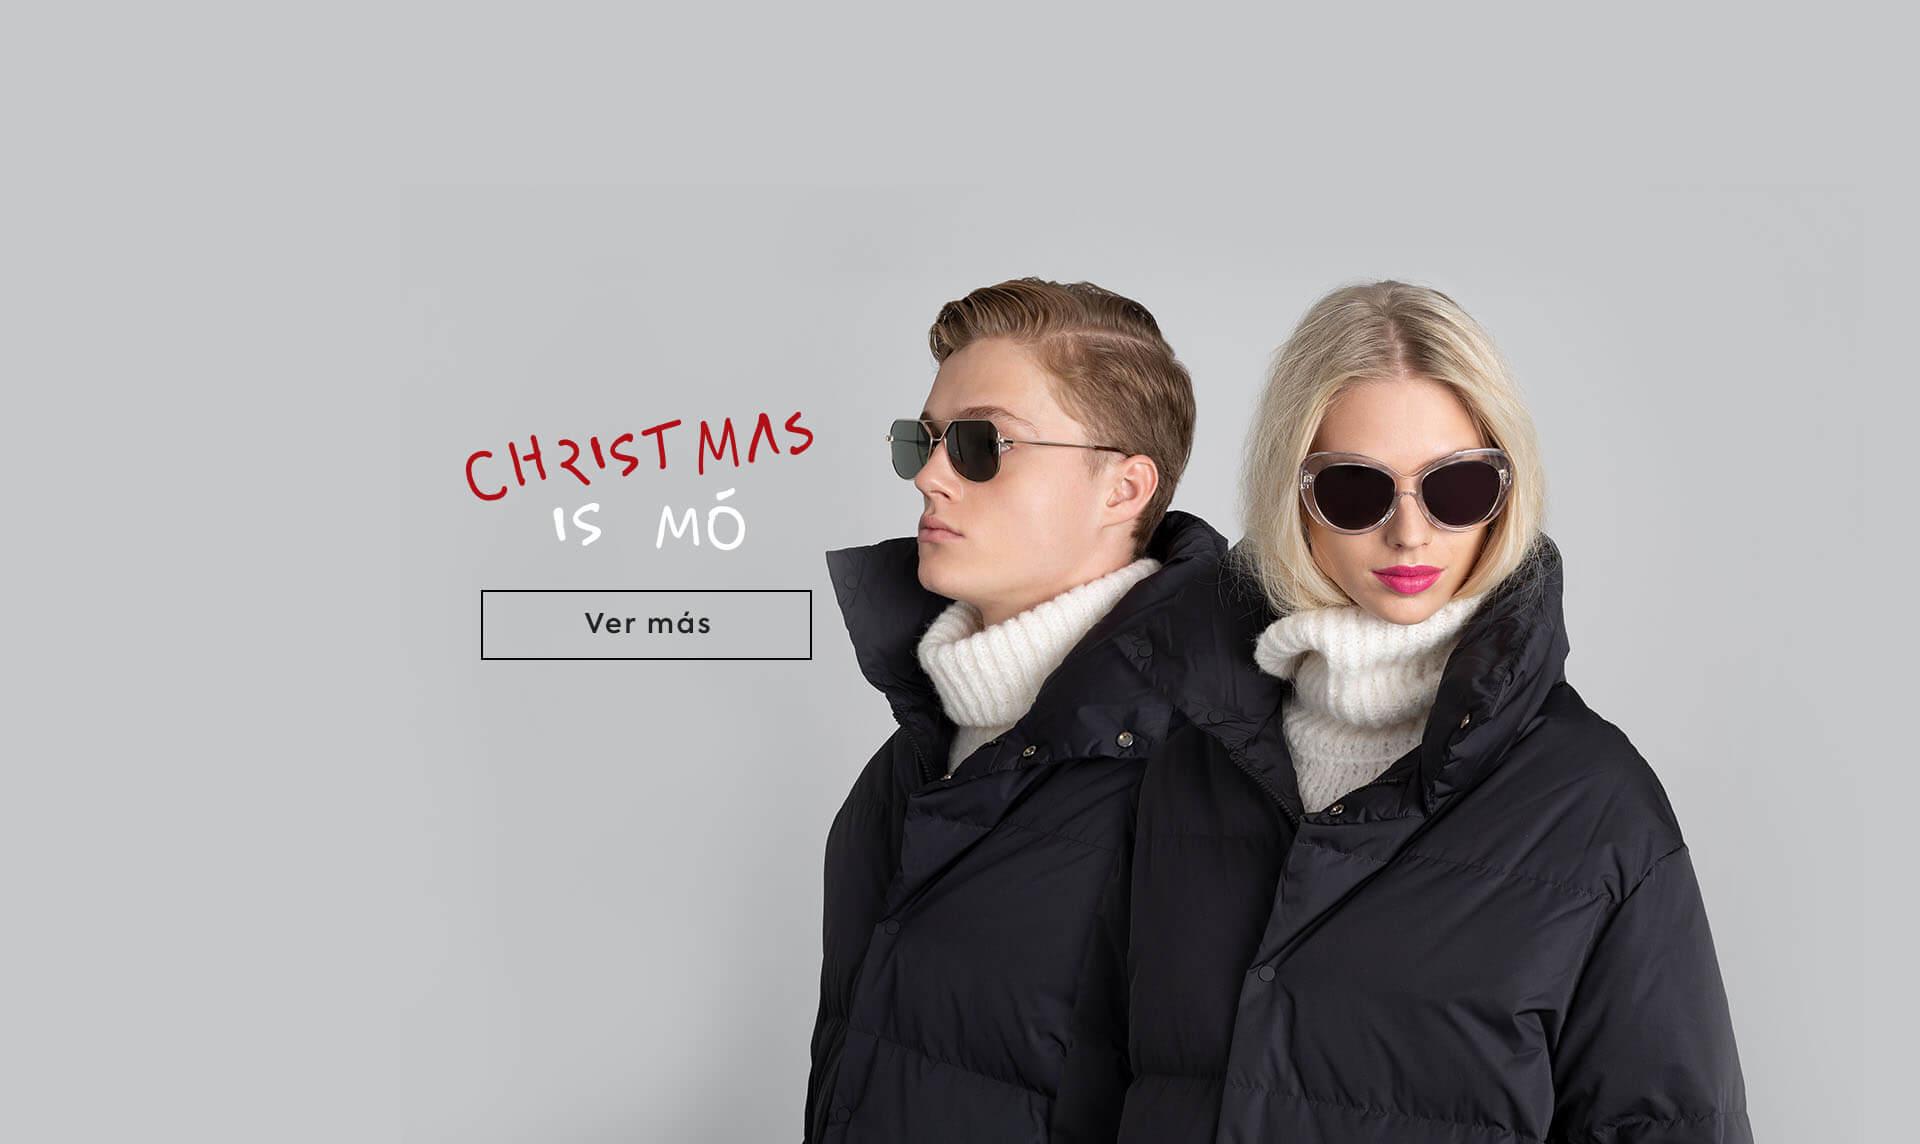 Novedades en gafas de sol en Navidad